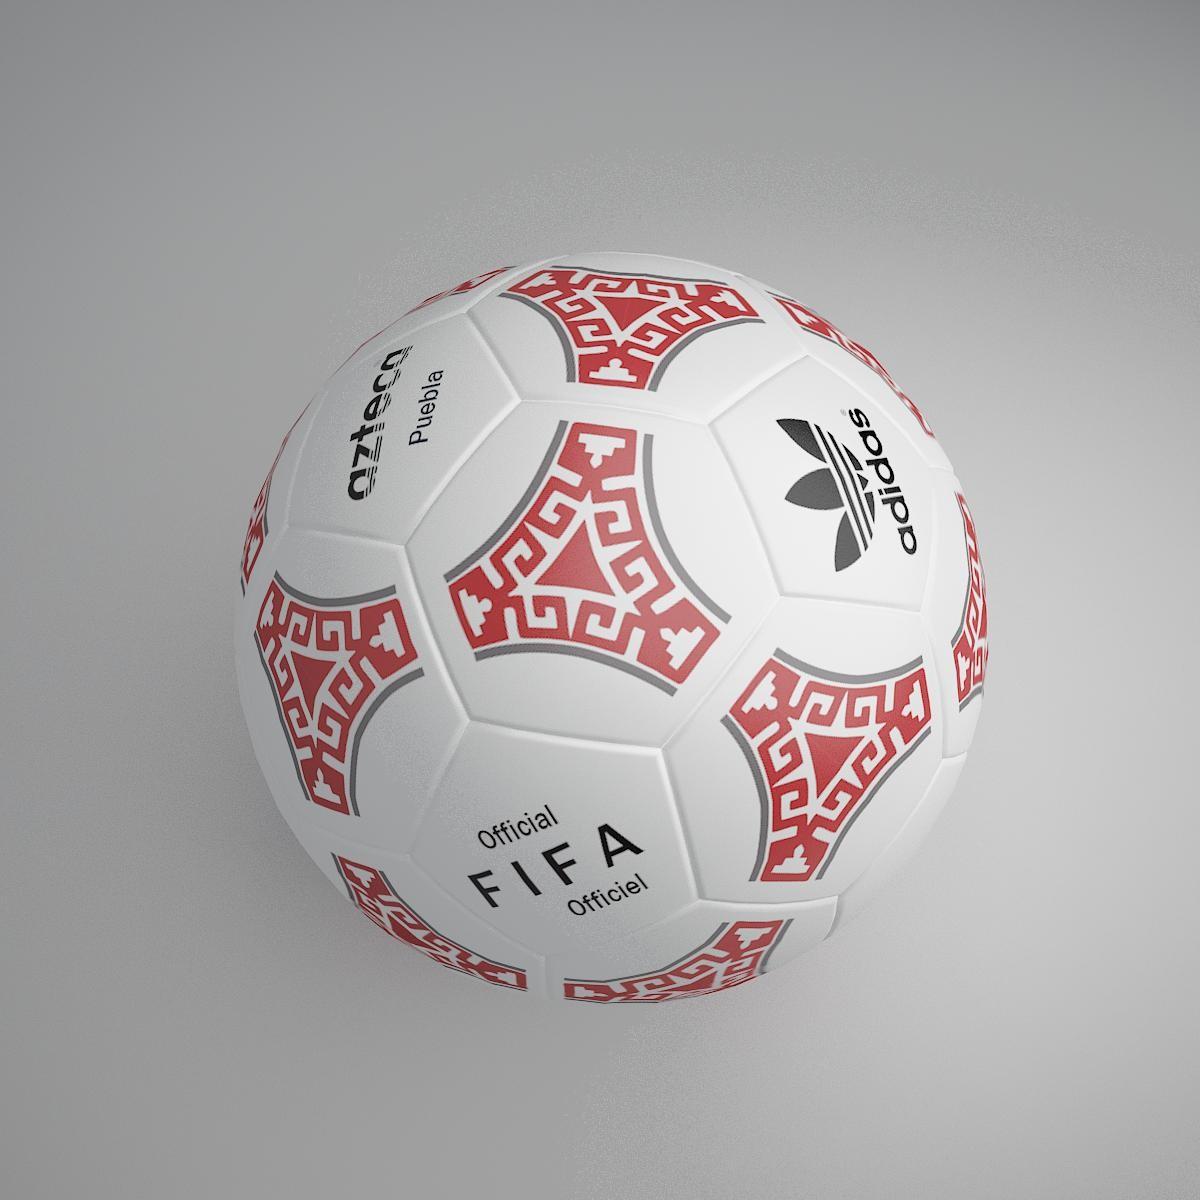 Render_Football_Ball_10_V-Ray_10000.jpg